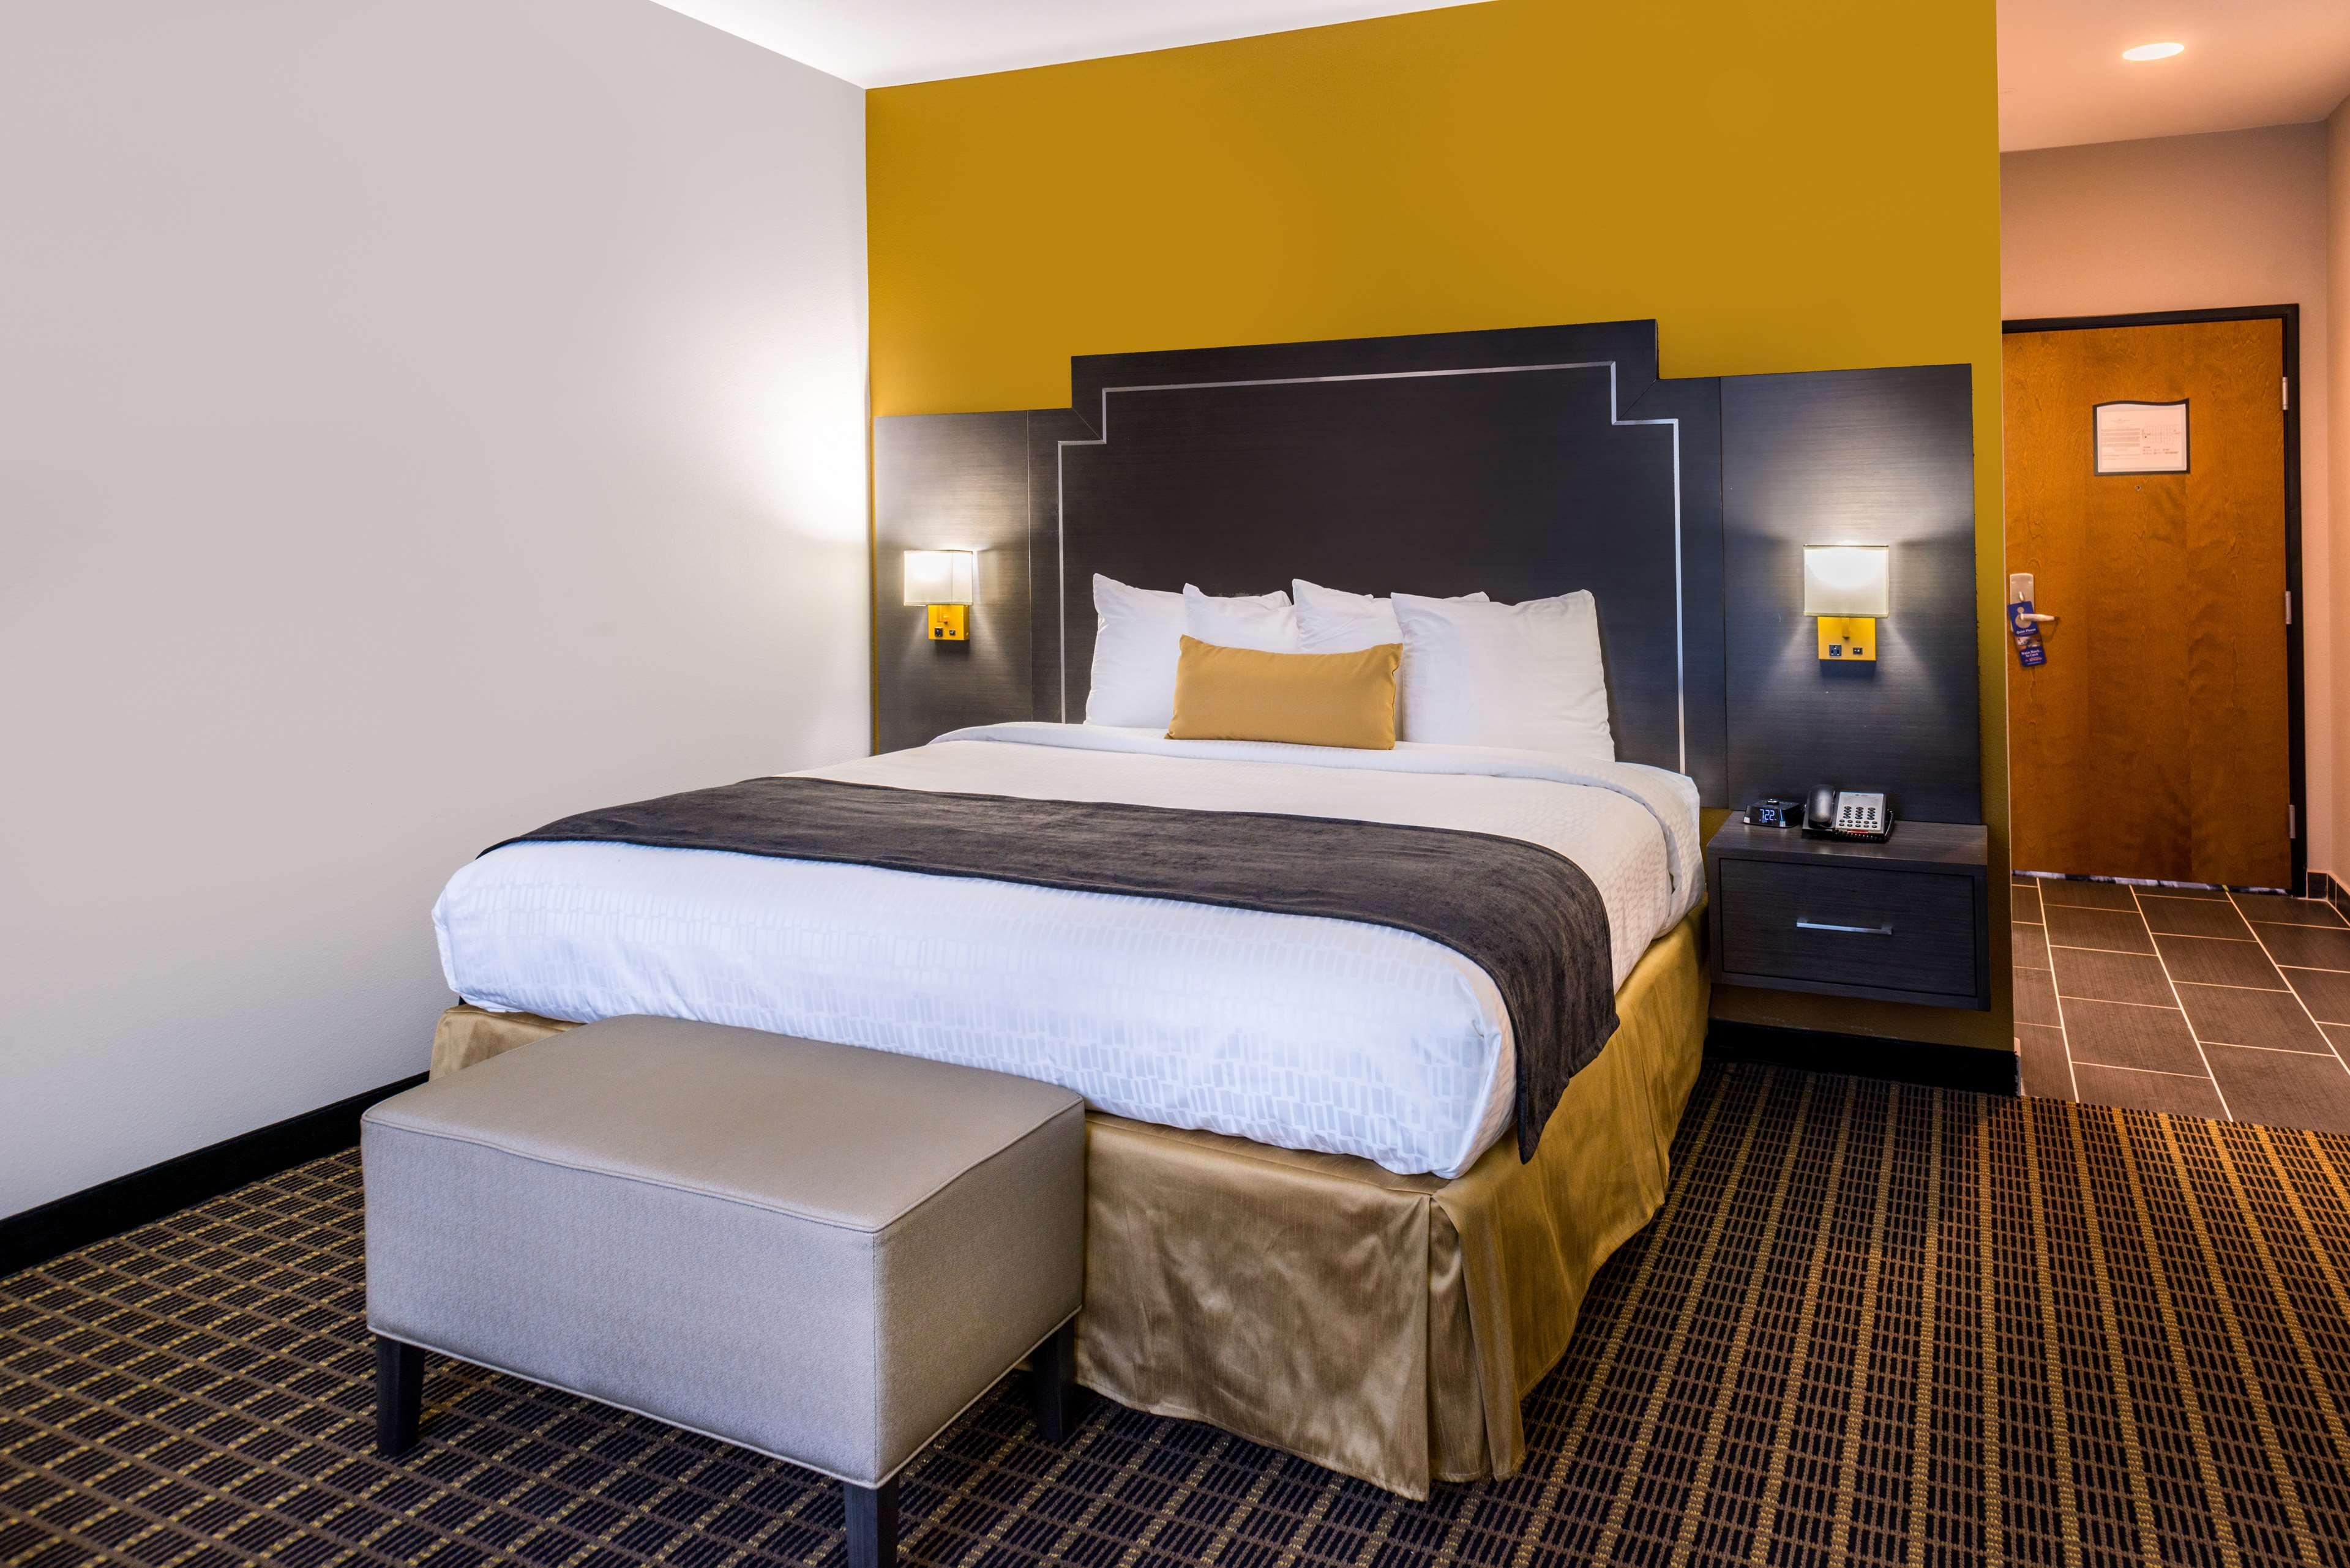 Best Western Plus Regency Park Hotel image 40